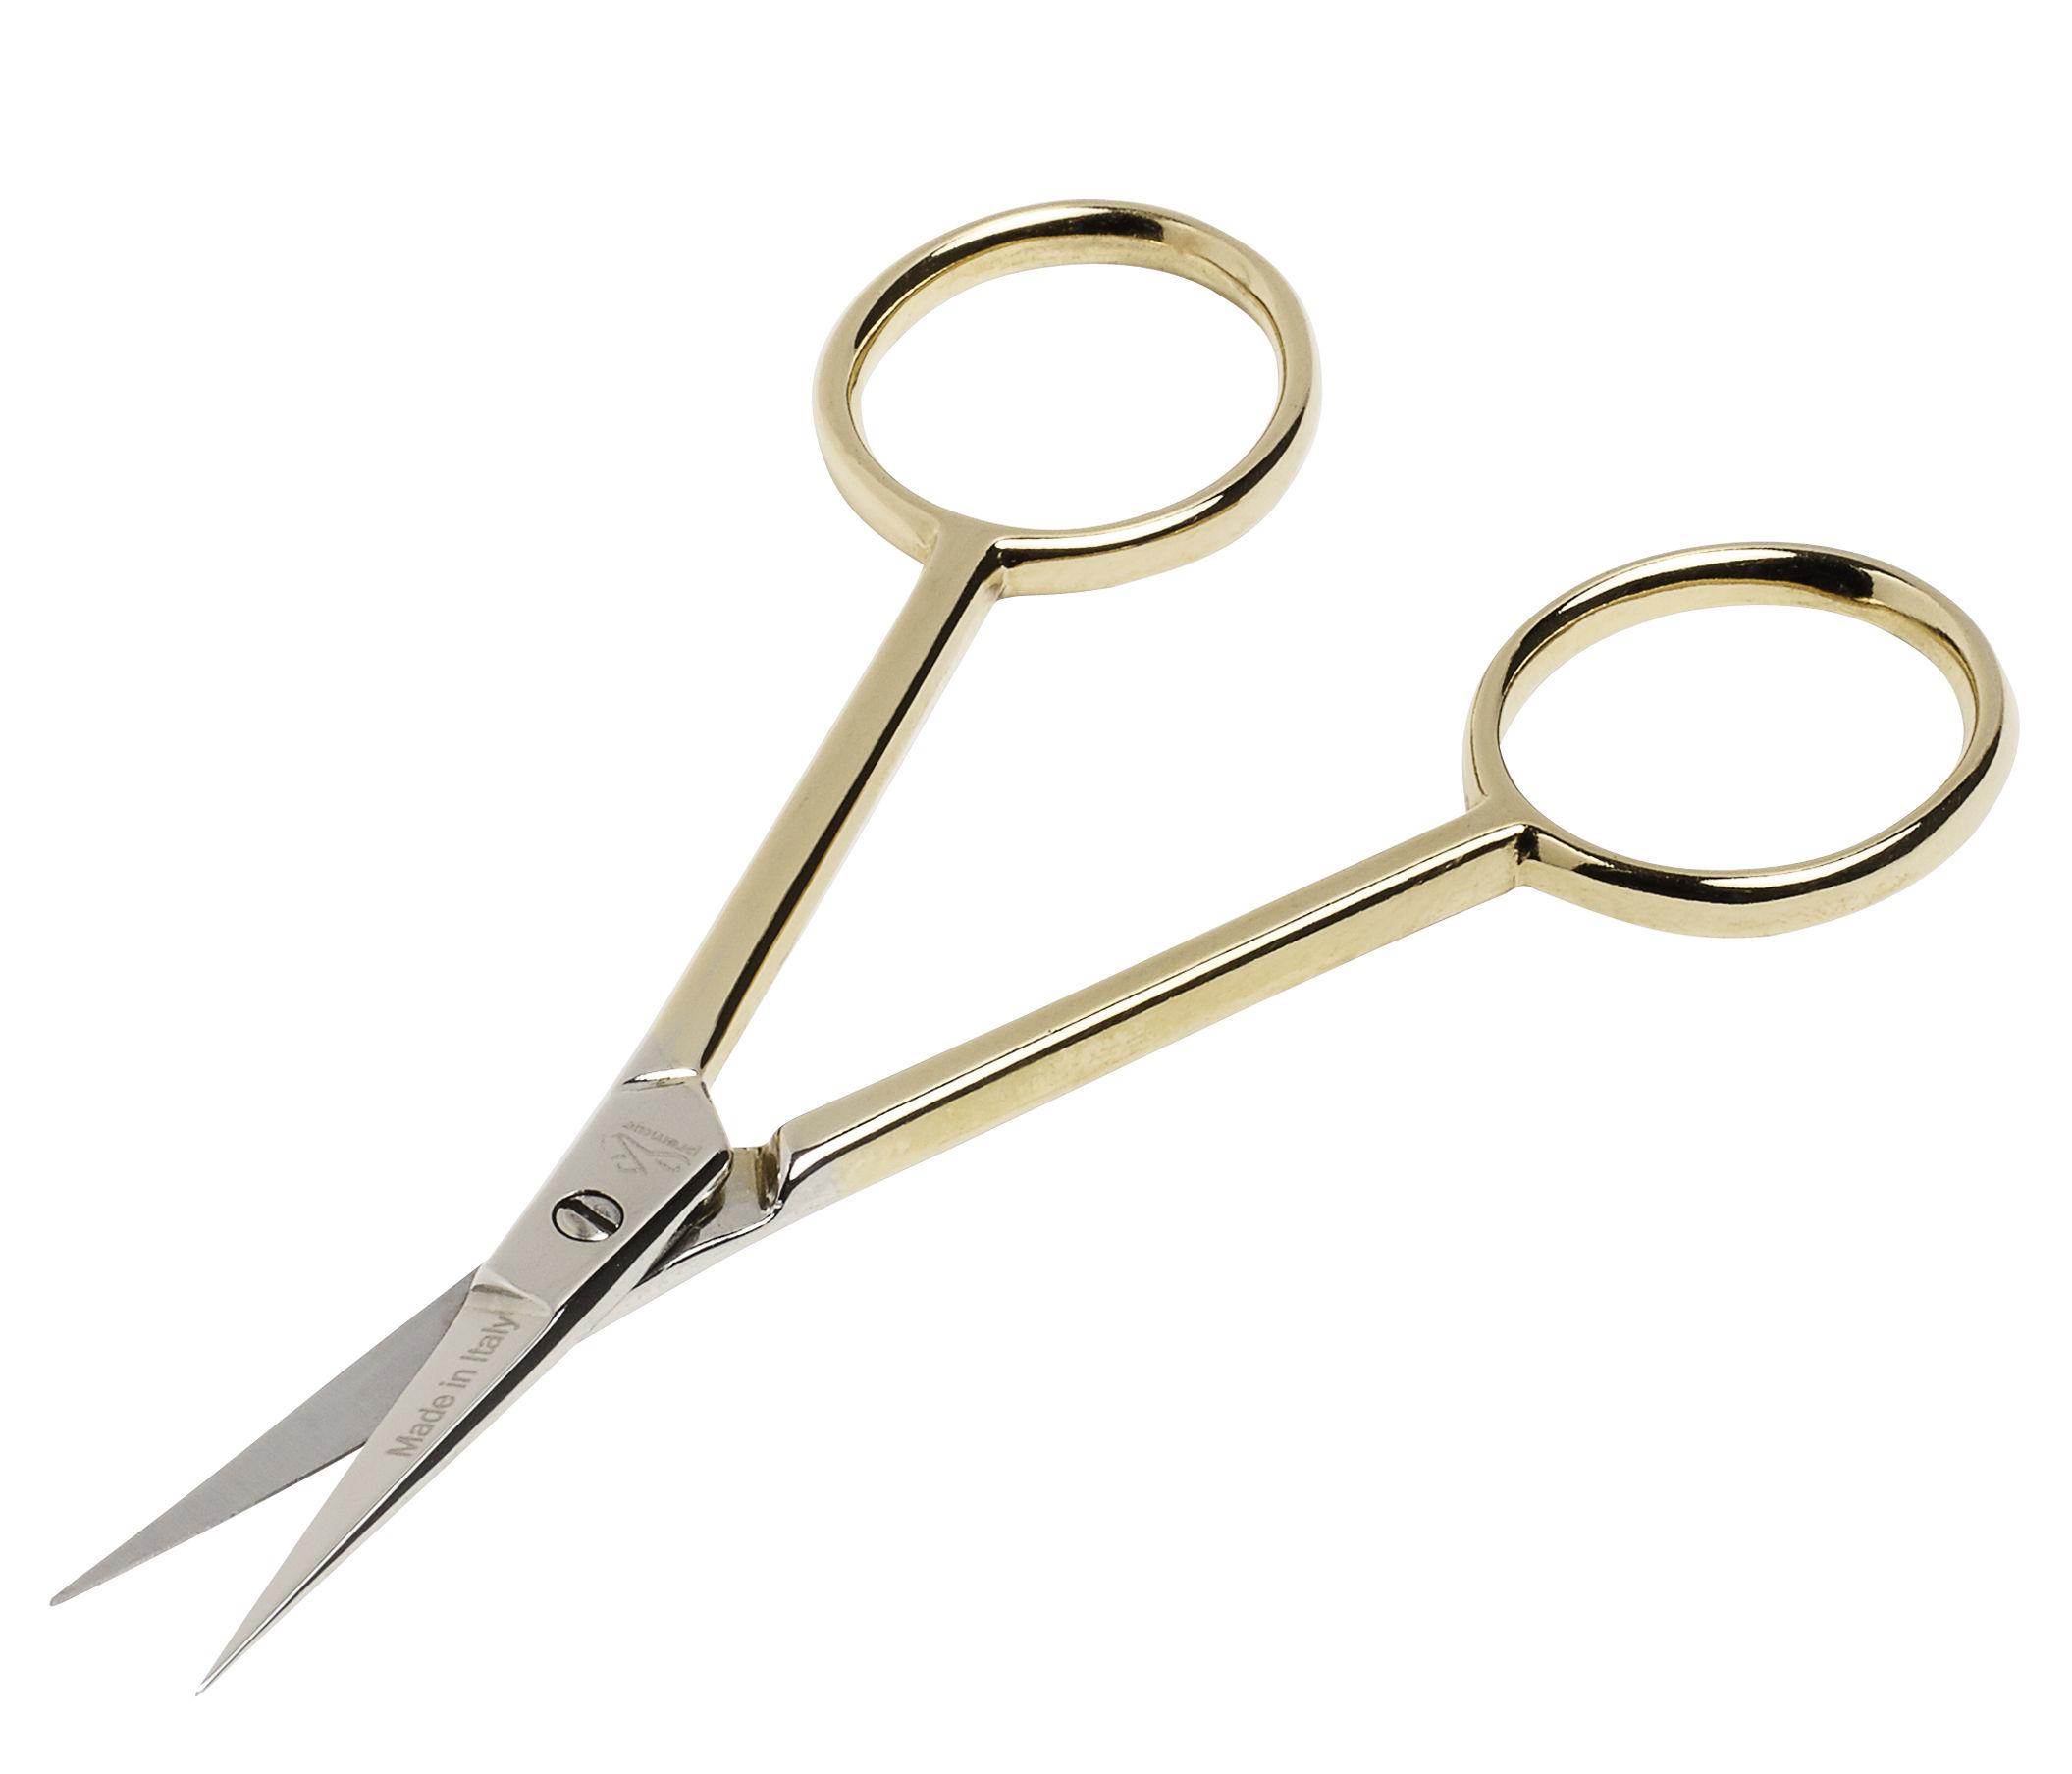 Accessori moda - Accessori ufficio - Forbici Delicate Scissors - / L 10,5 cm di Hay - Oro - Acciaio